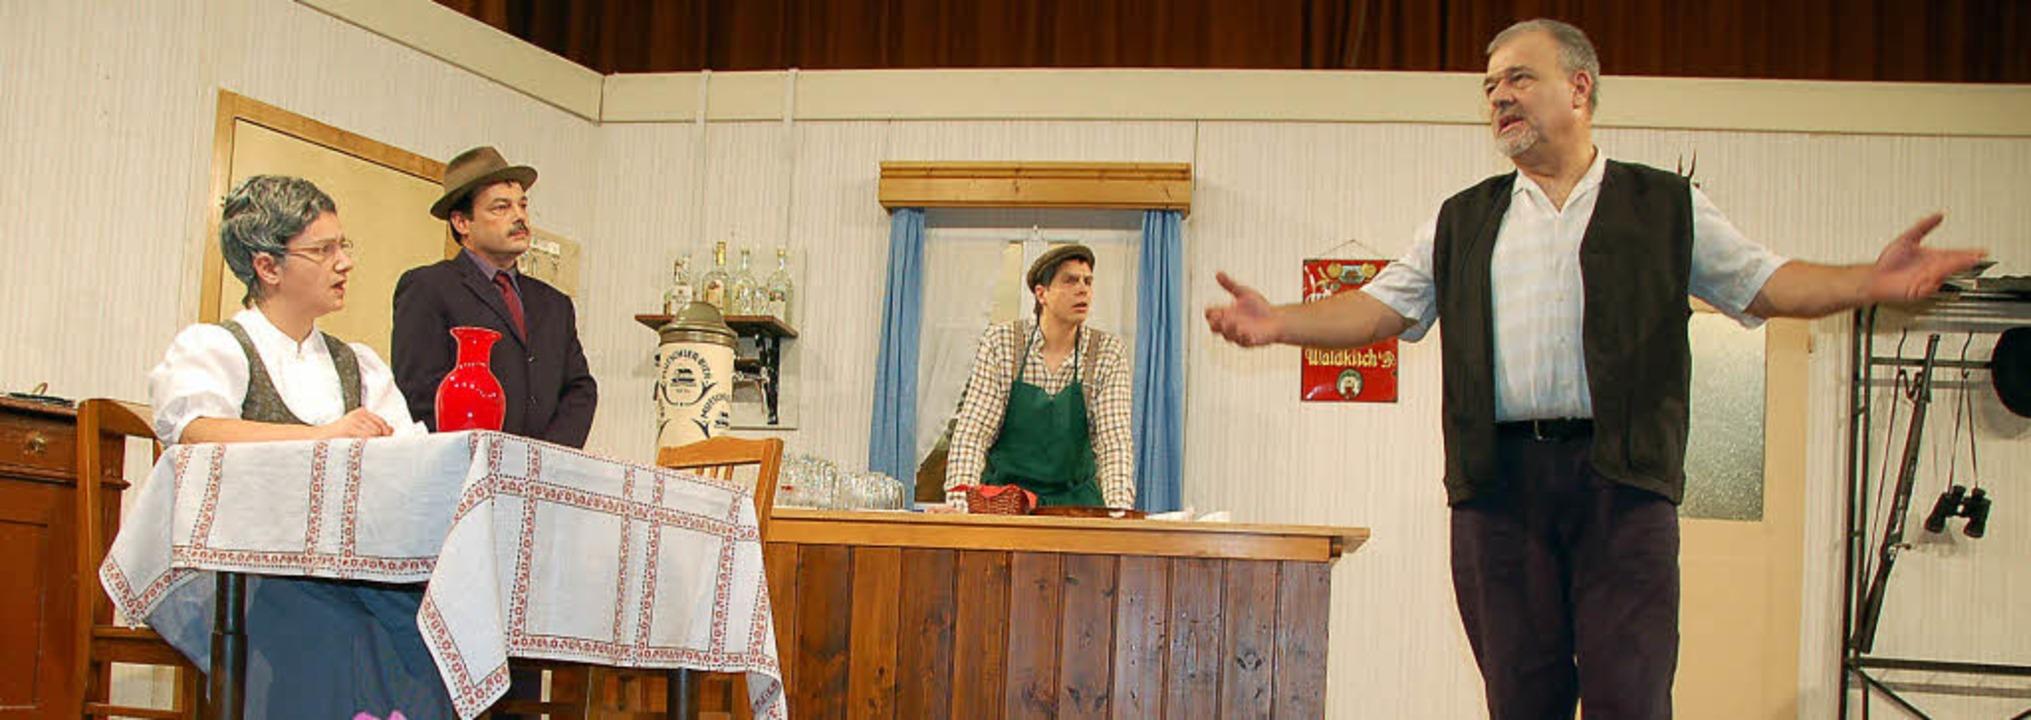 Die Laienschauspieler der Chorgemeinsc...eaterabend die Lacher auf ihrer Seite.  | Foto: Pia Grättinger